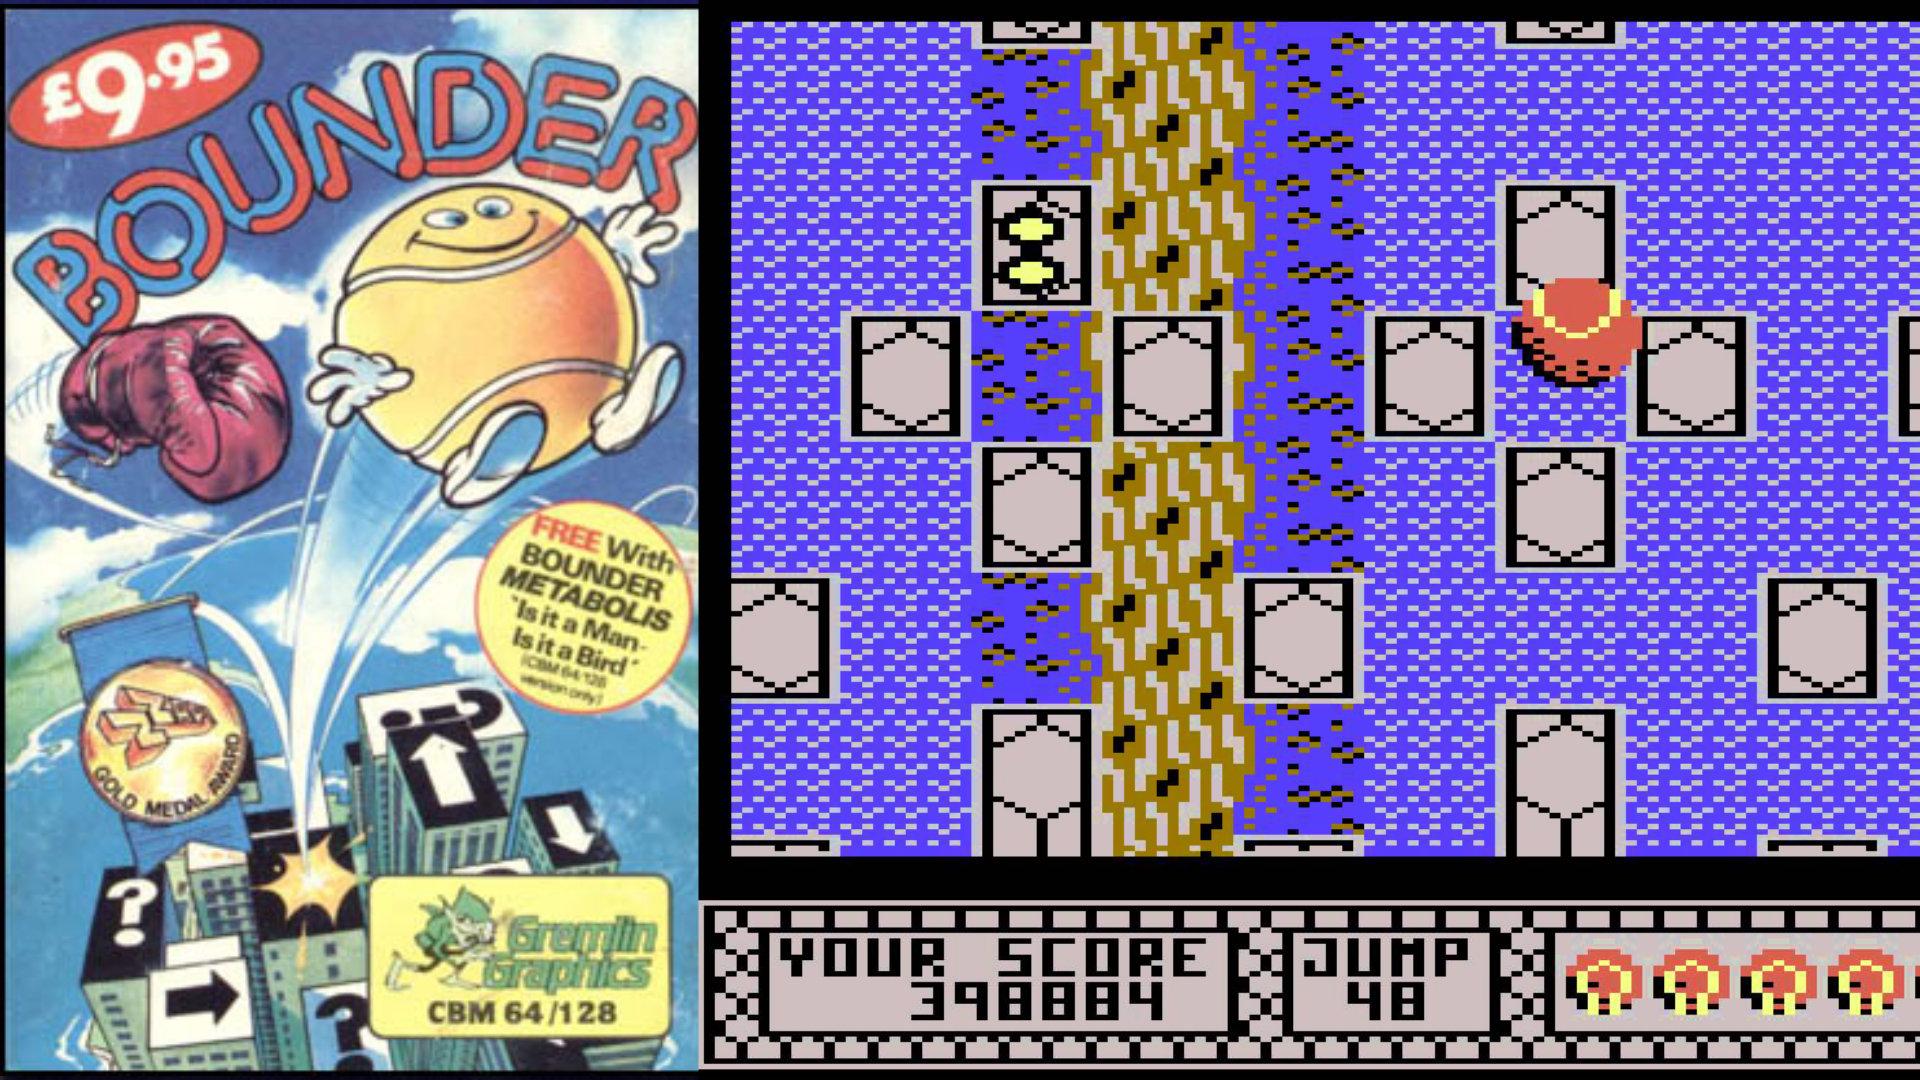 Bounder von Gremlin Graphics war ein schönes, aber schweres Spiel. Diskmonitor-Maestro Boris Schneider-Johne fand für seinen Happy Computer-Test heraus, dass spätere Stufen praktisch unschaffbar waren. Permadeath für 9.95 Pfund eben. (Bild: Andreas Wanda)